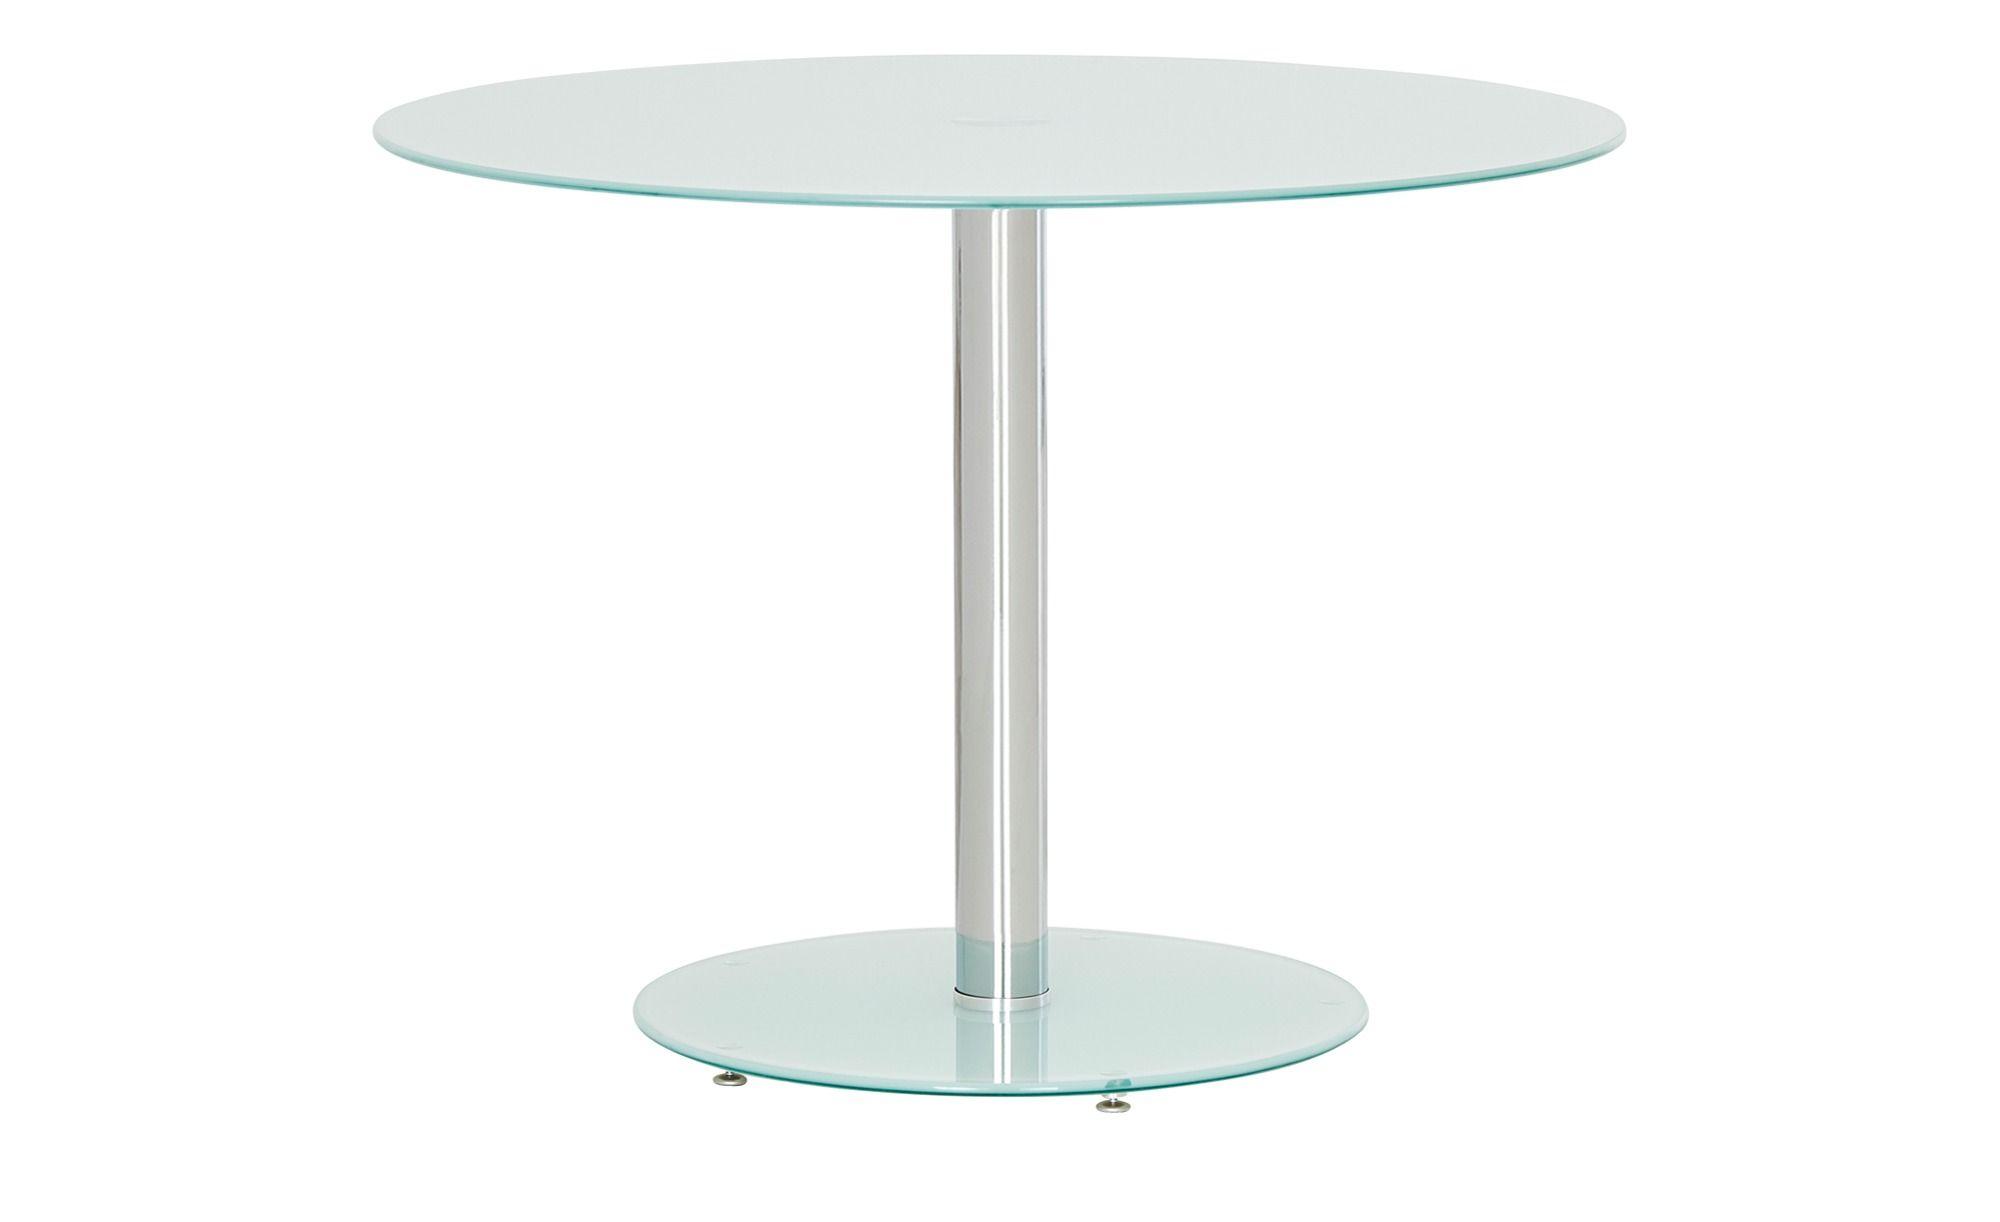 Esstisch Fred Weiss Masse Cm H 77 O 100 Tische Esstische Esstische Rund Hoffner In 2020 Esstisch Glas Ausziehbar Esstisch Esstisch Glas